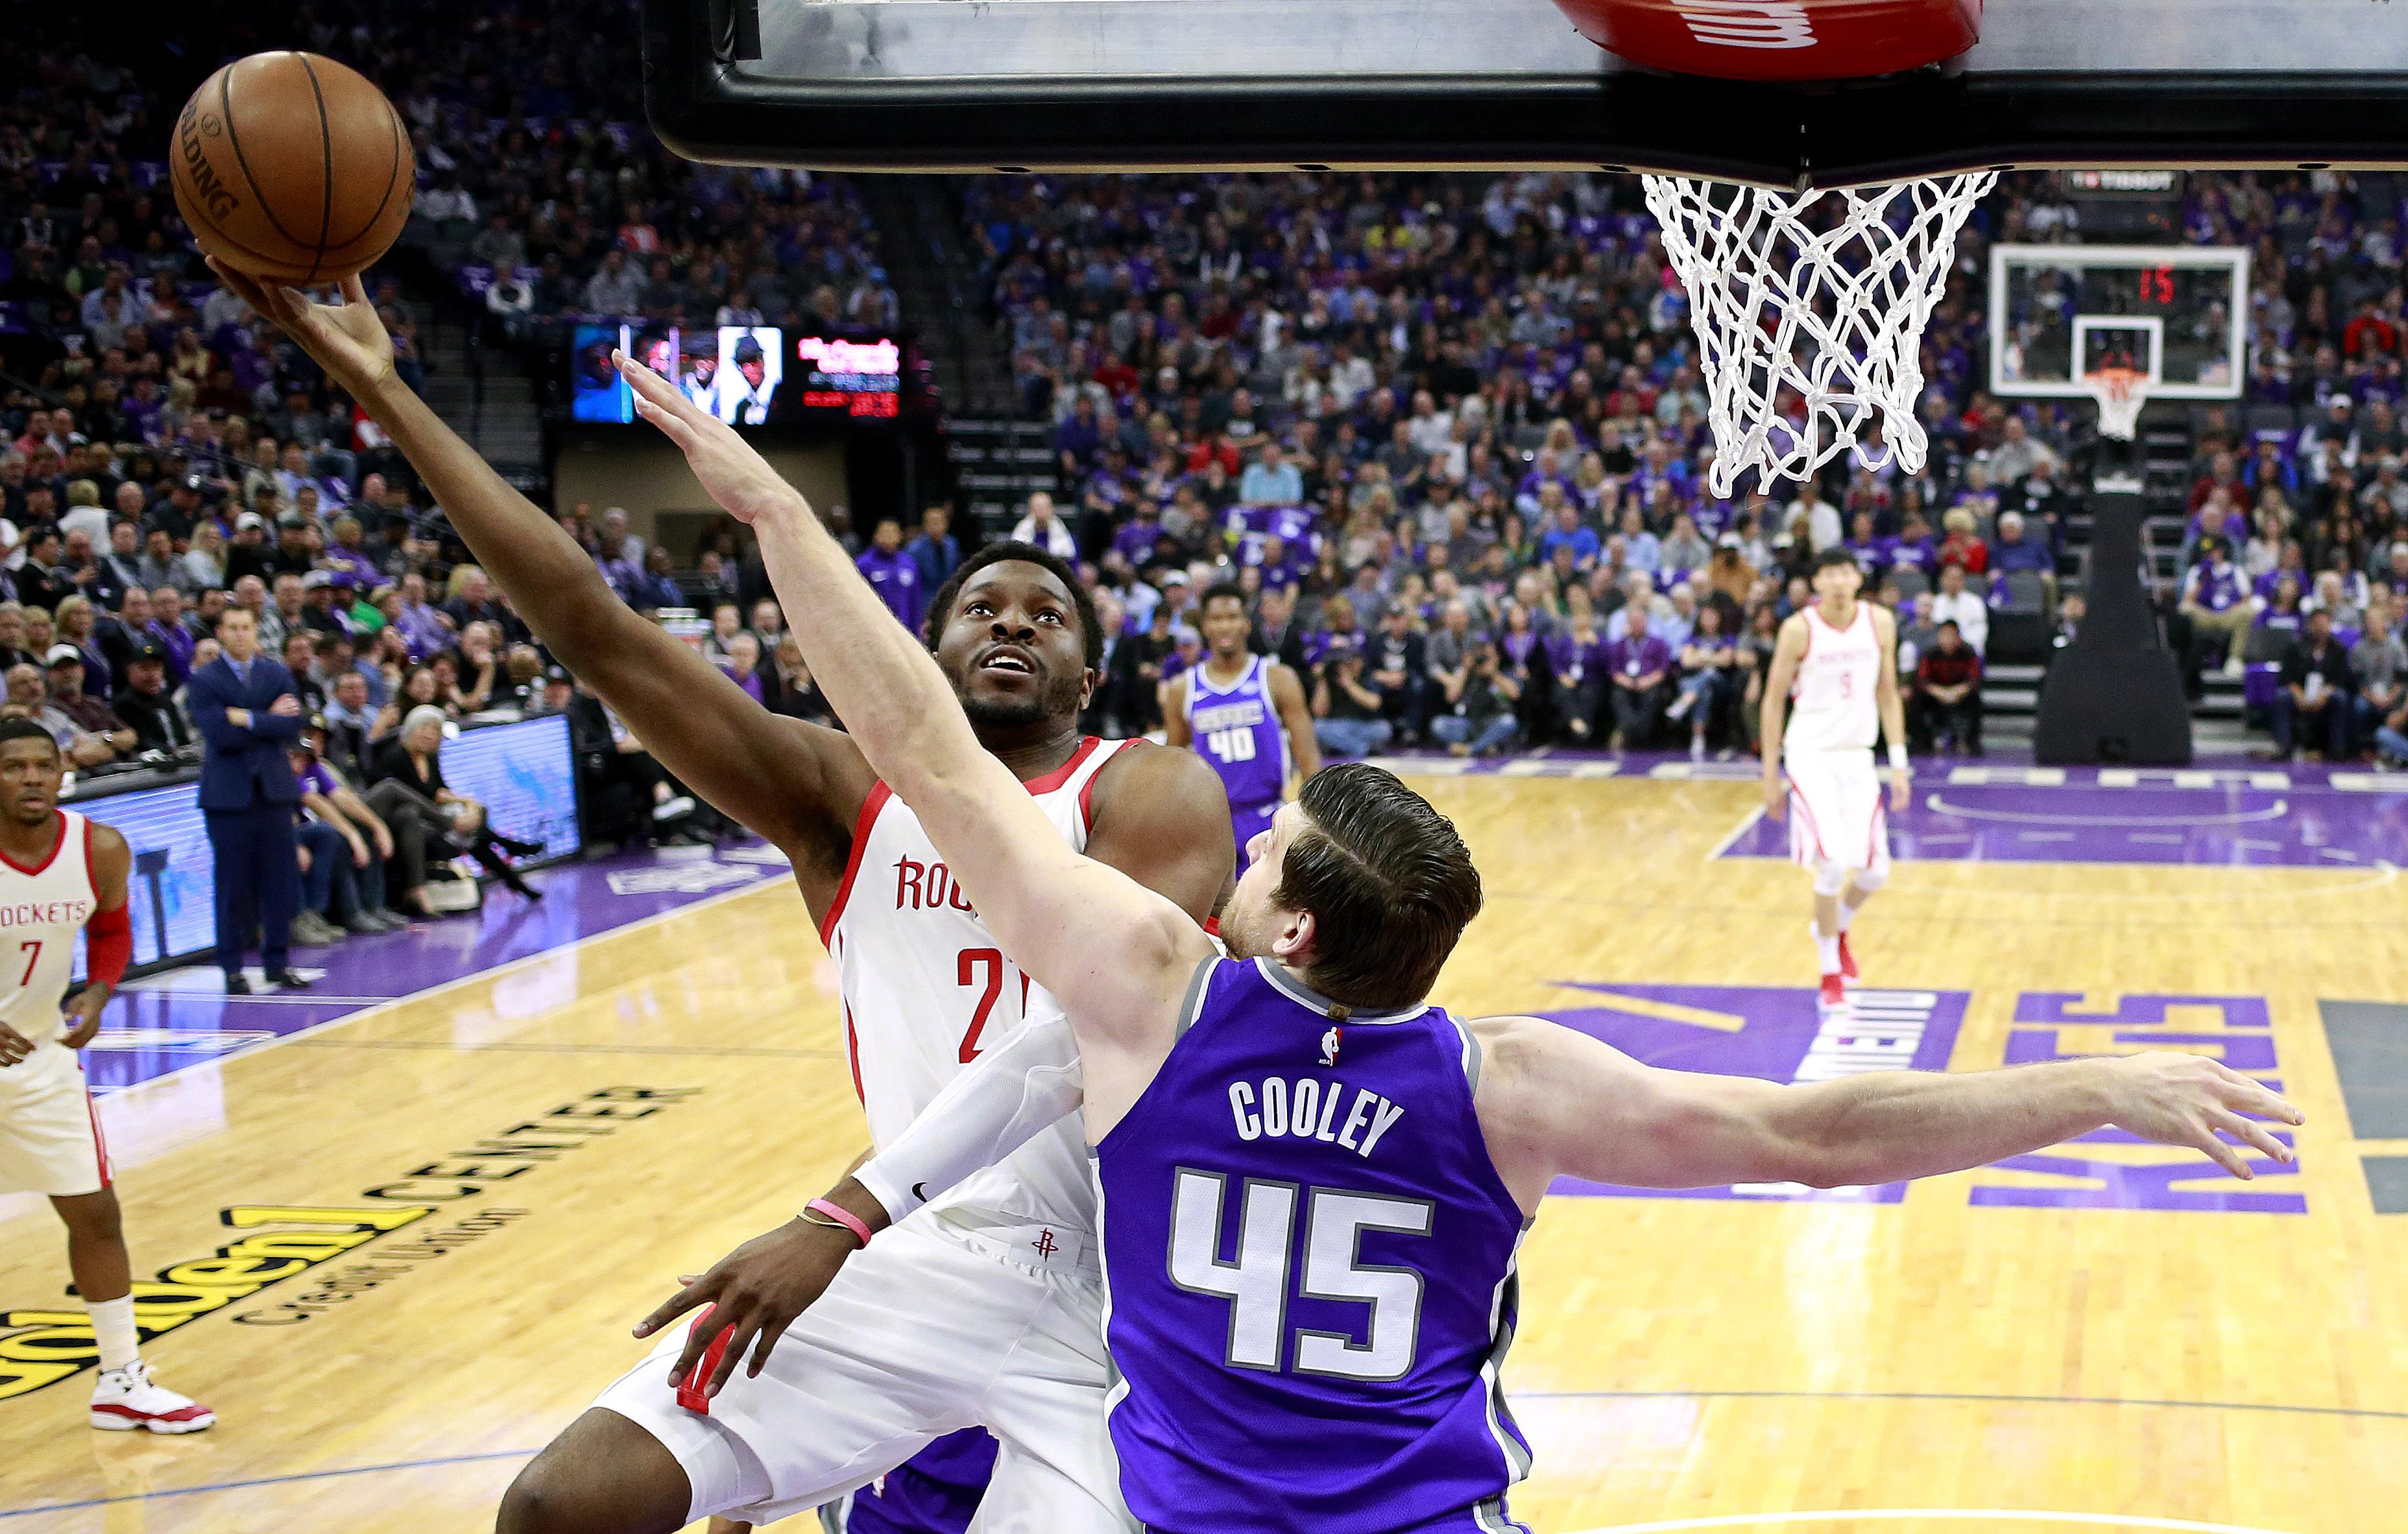 Source: Mavericks to waive Chinanu Onuaku after trade with Rockets